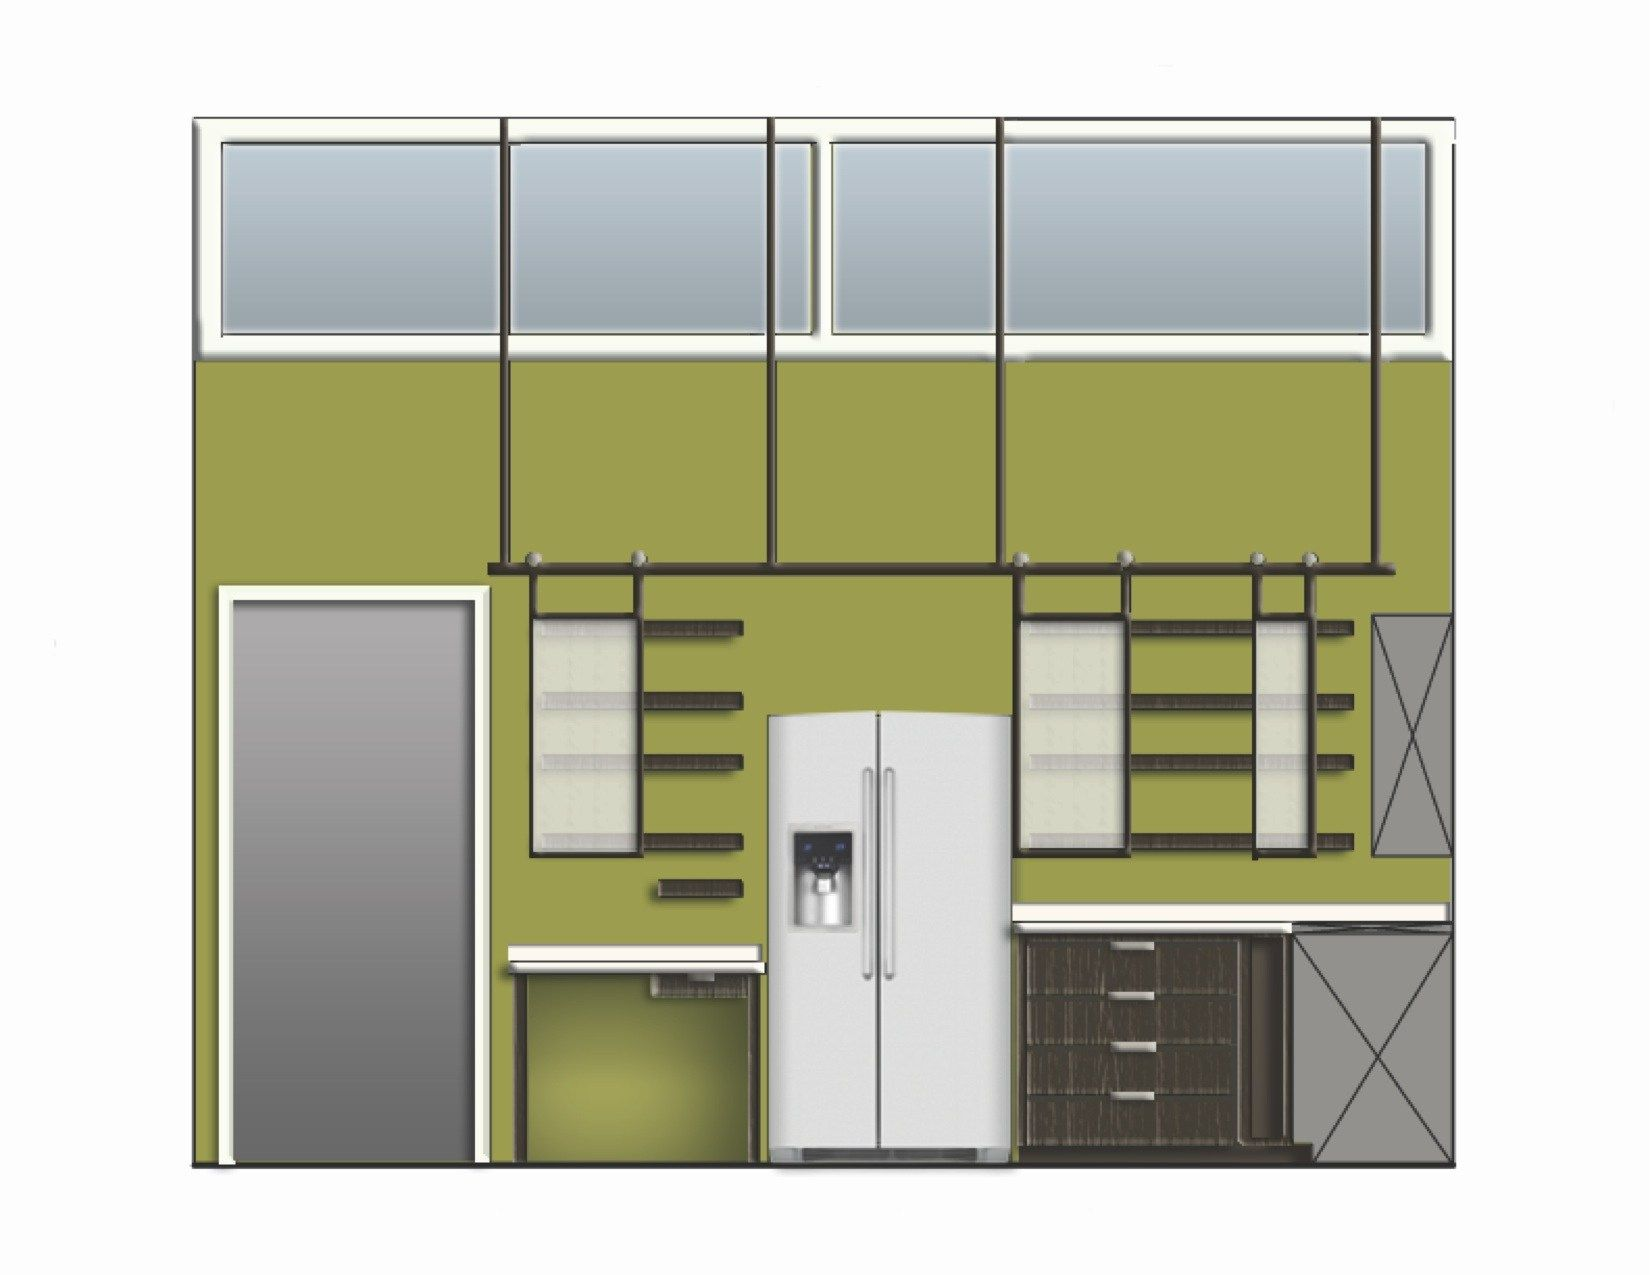 Super Cool Ideas Kitchen Elevation Rendered Photoshop My Creative Idolza Rendering Jpg 1651 1275 Kitchen Elevation Design Kitchen Design